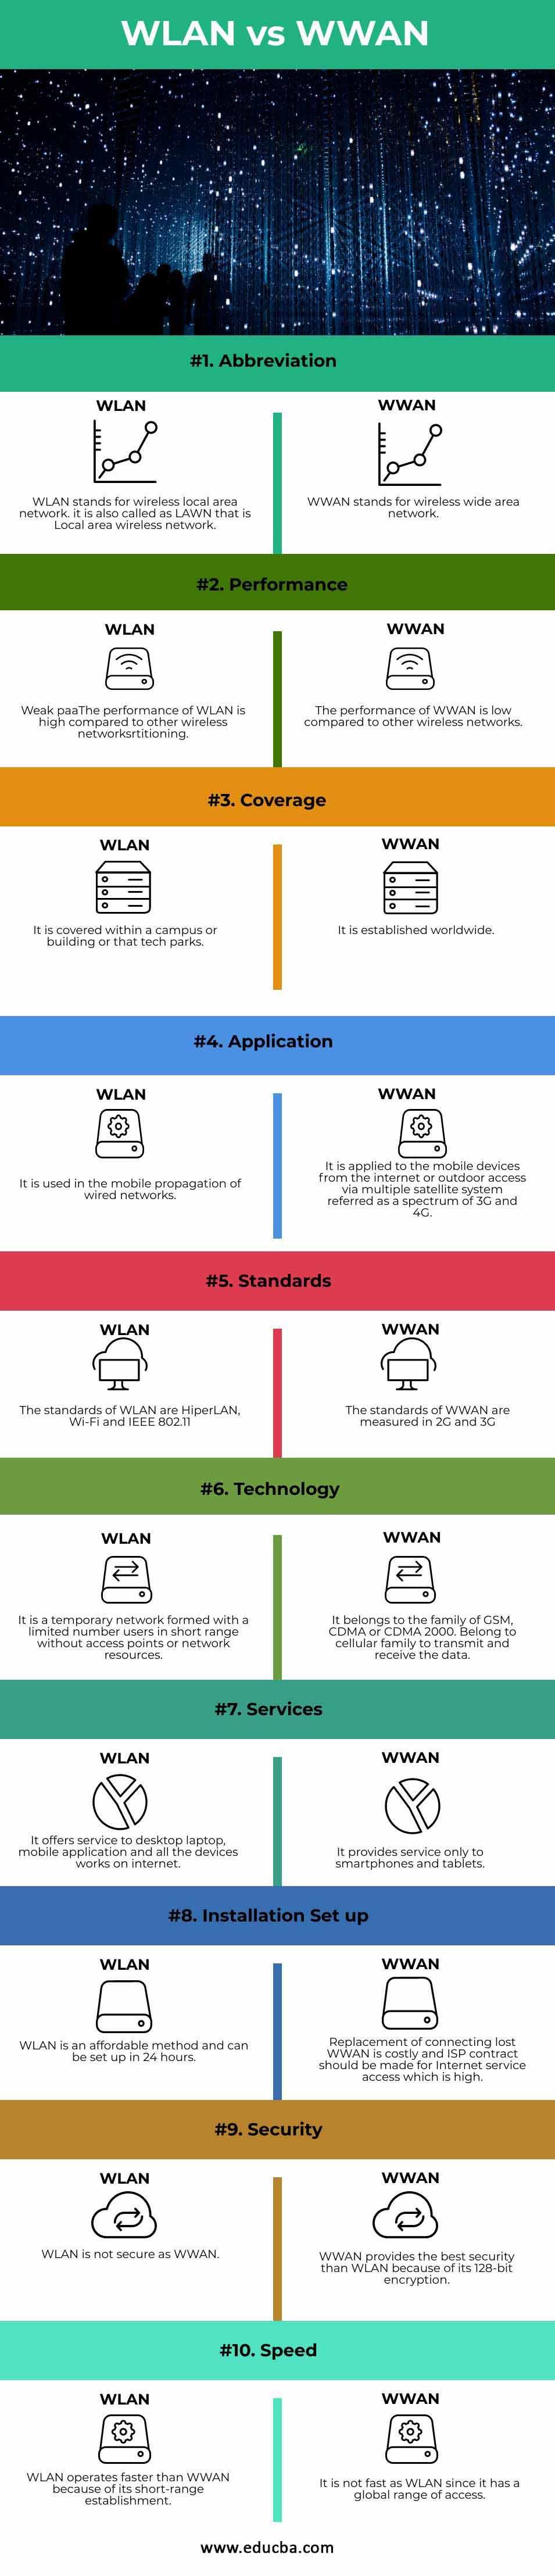 WLAN-vs-WWAN-info